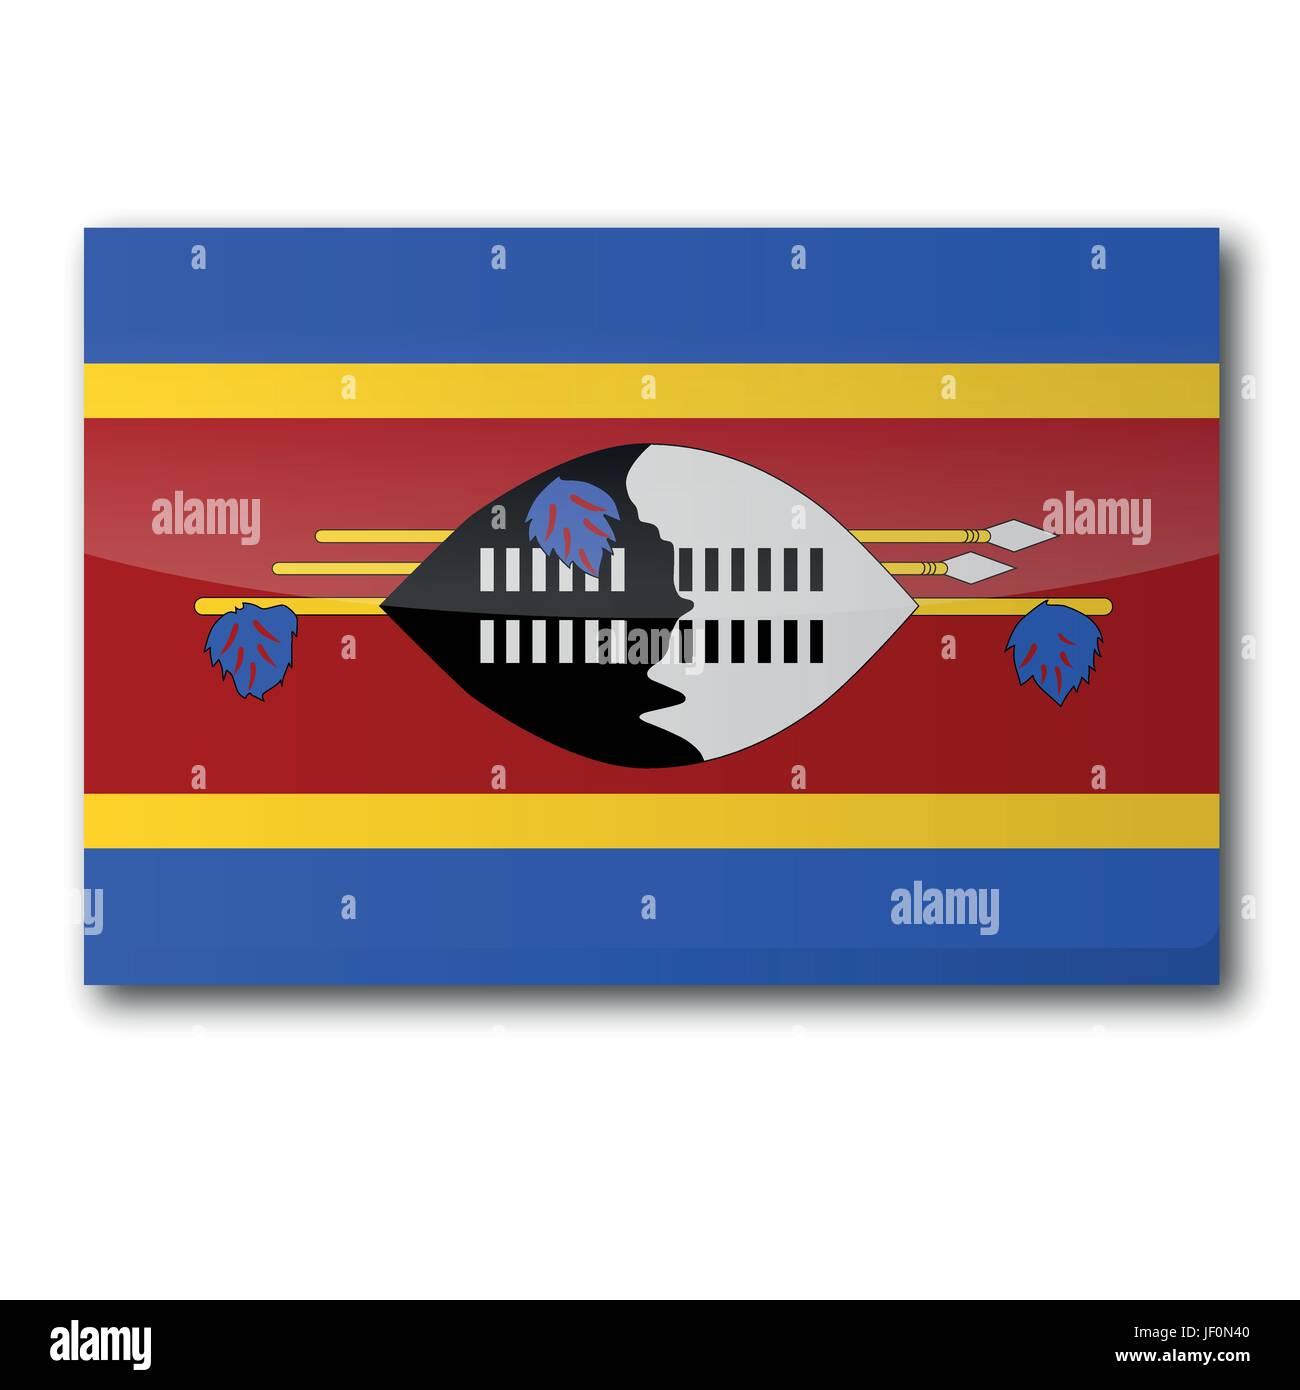 africa, monarchy, swaziland, social, africa, flag, border, button, card, area, - Stock Vector